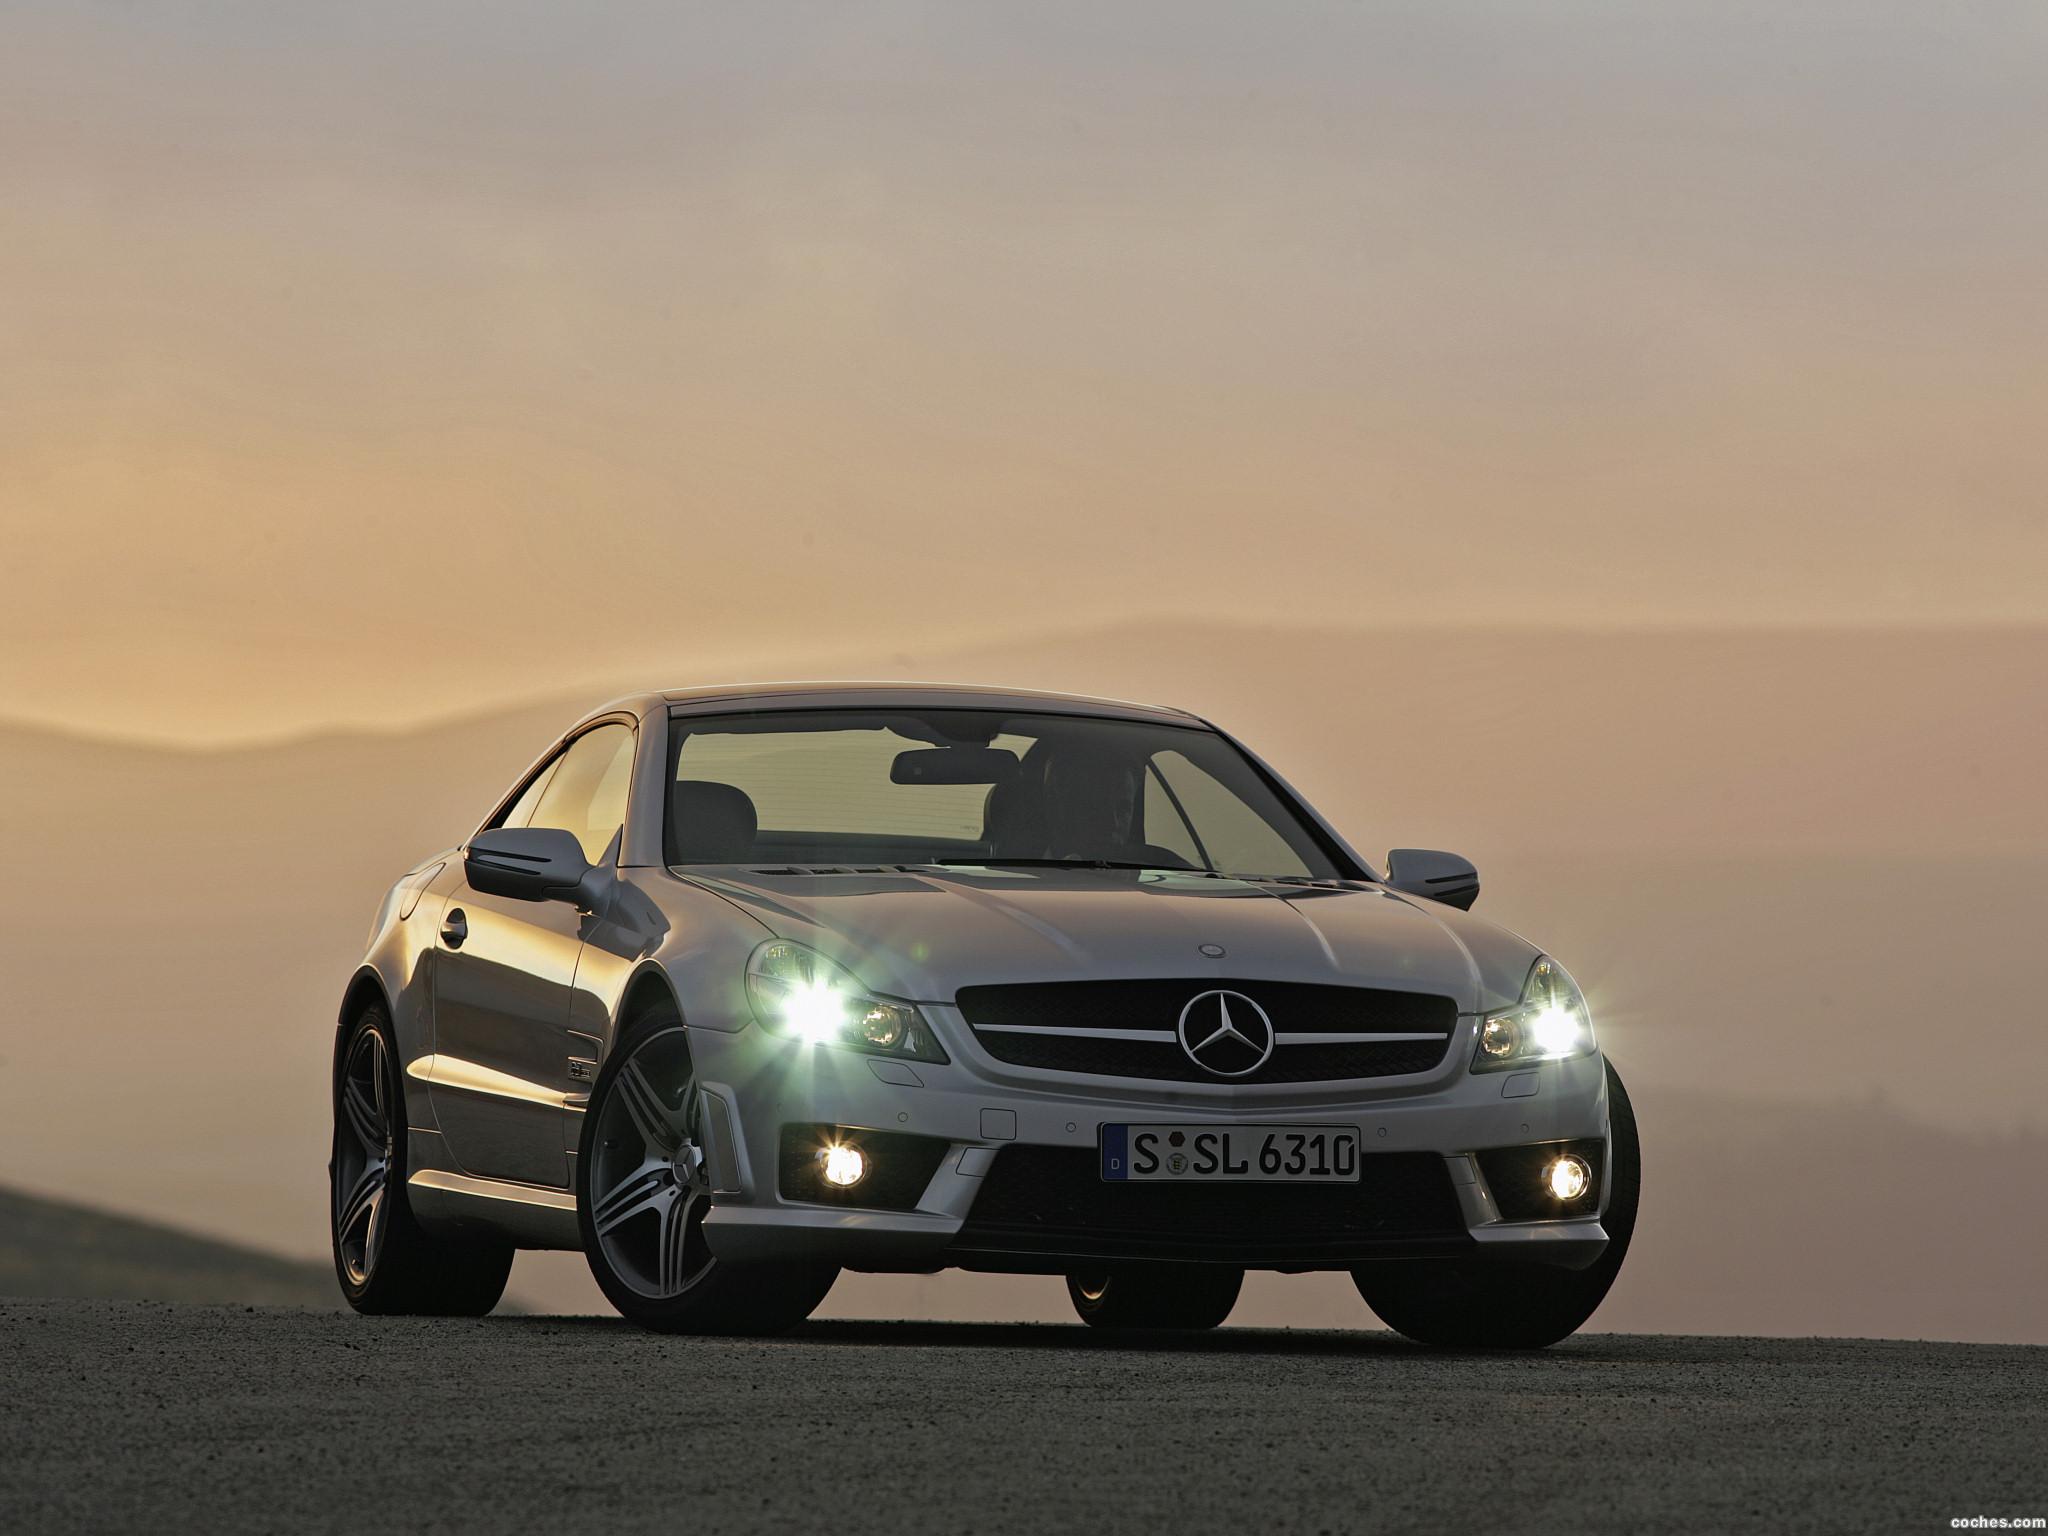 Foto 0 de Mercedes SL 63 AMG 2008